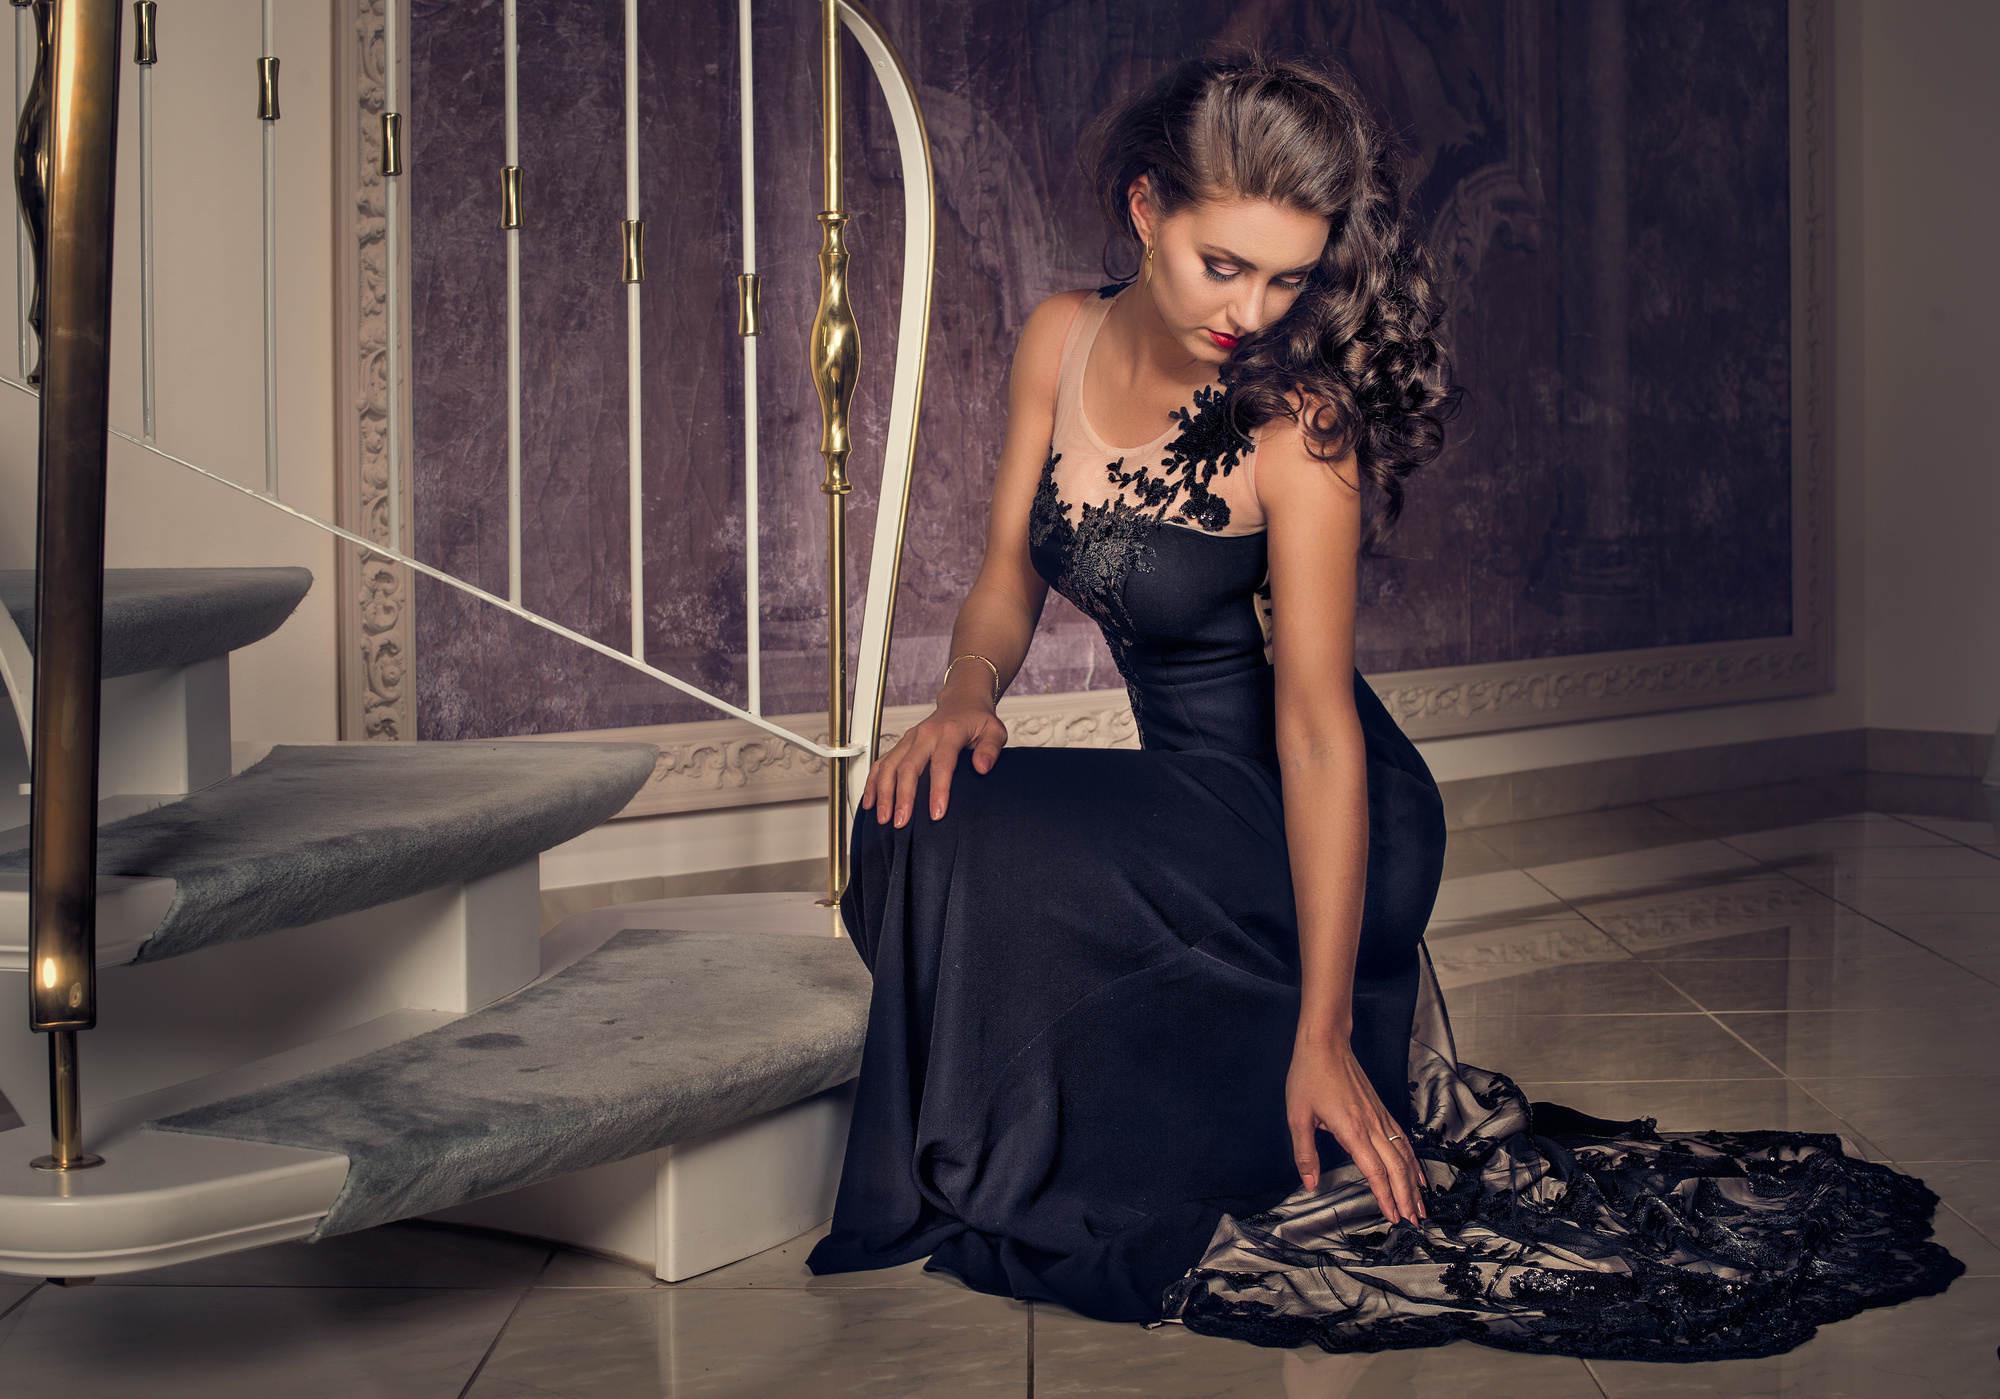 10 Genial Abendkleider Pforzheim Design15 Elegant Abendkleider Pforzheim Stylish